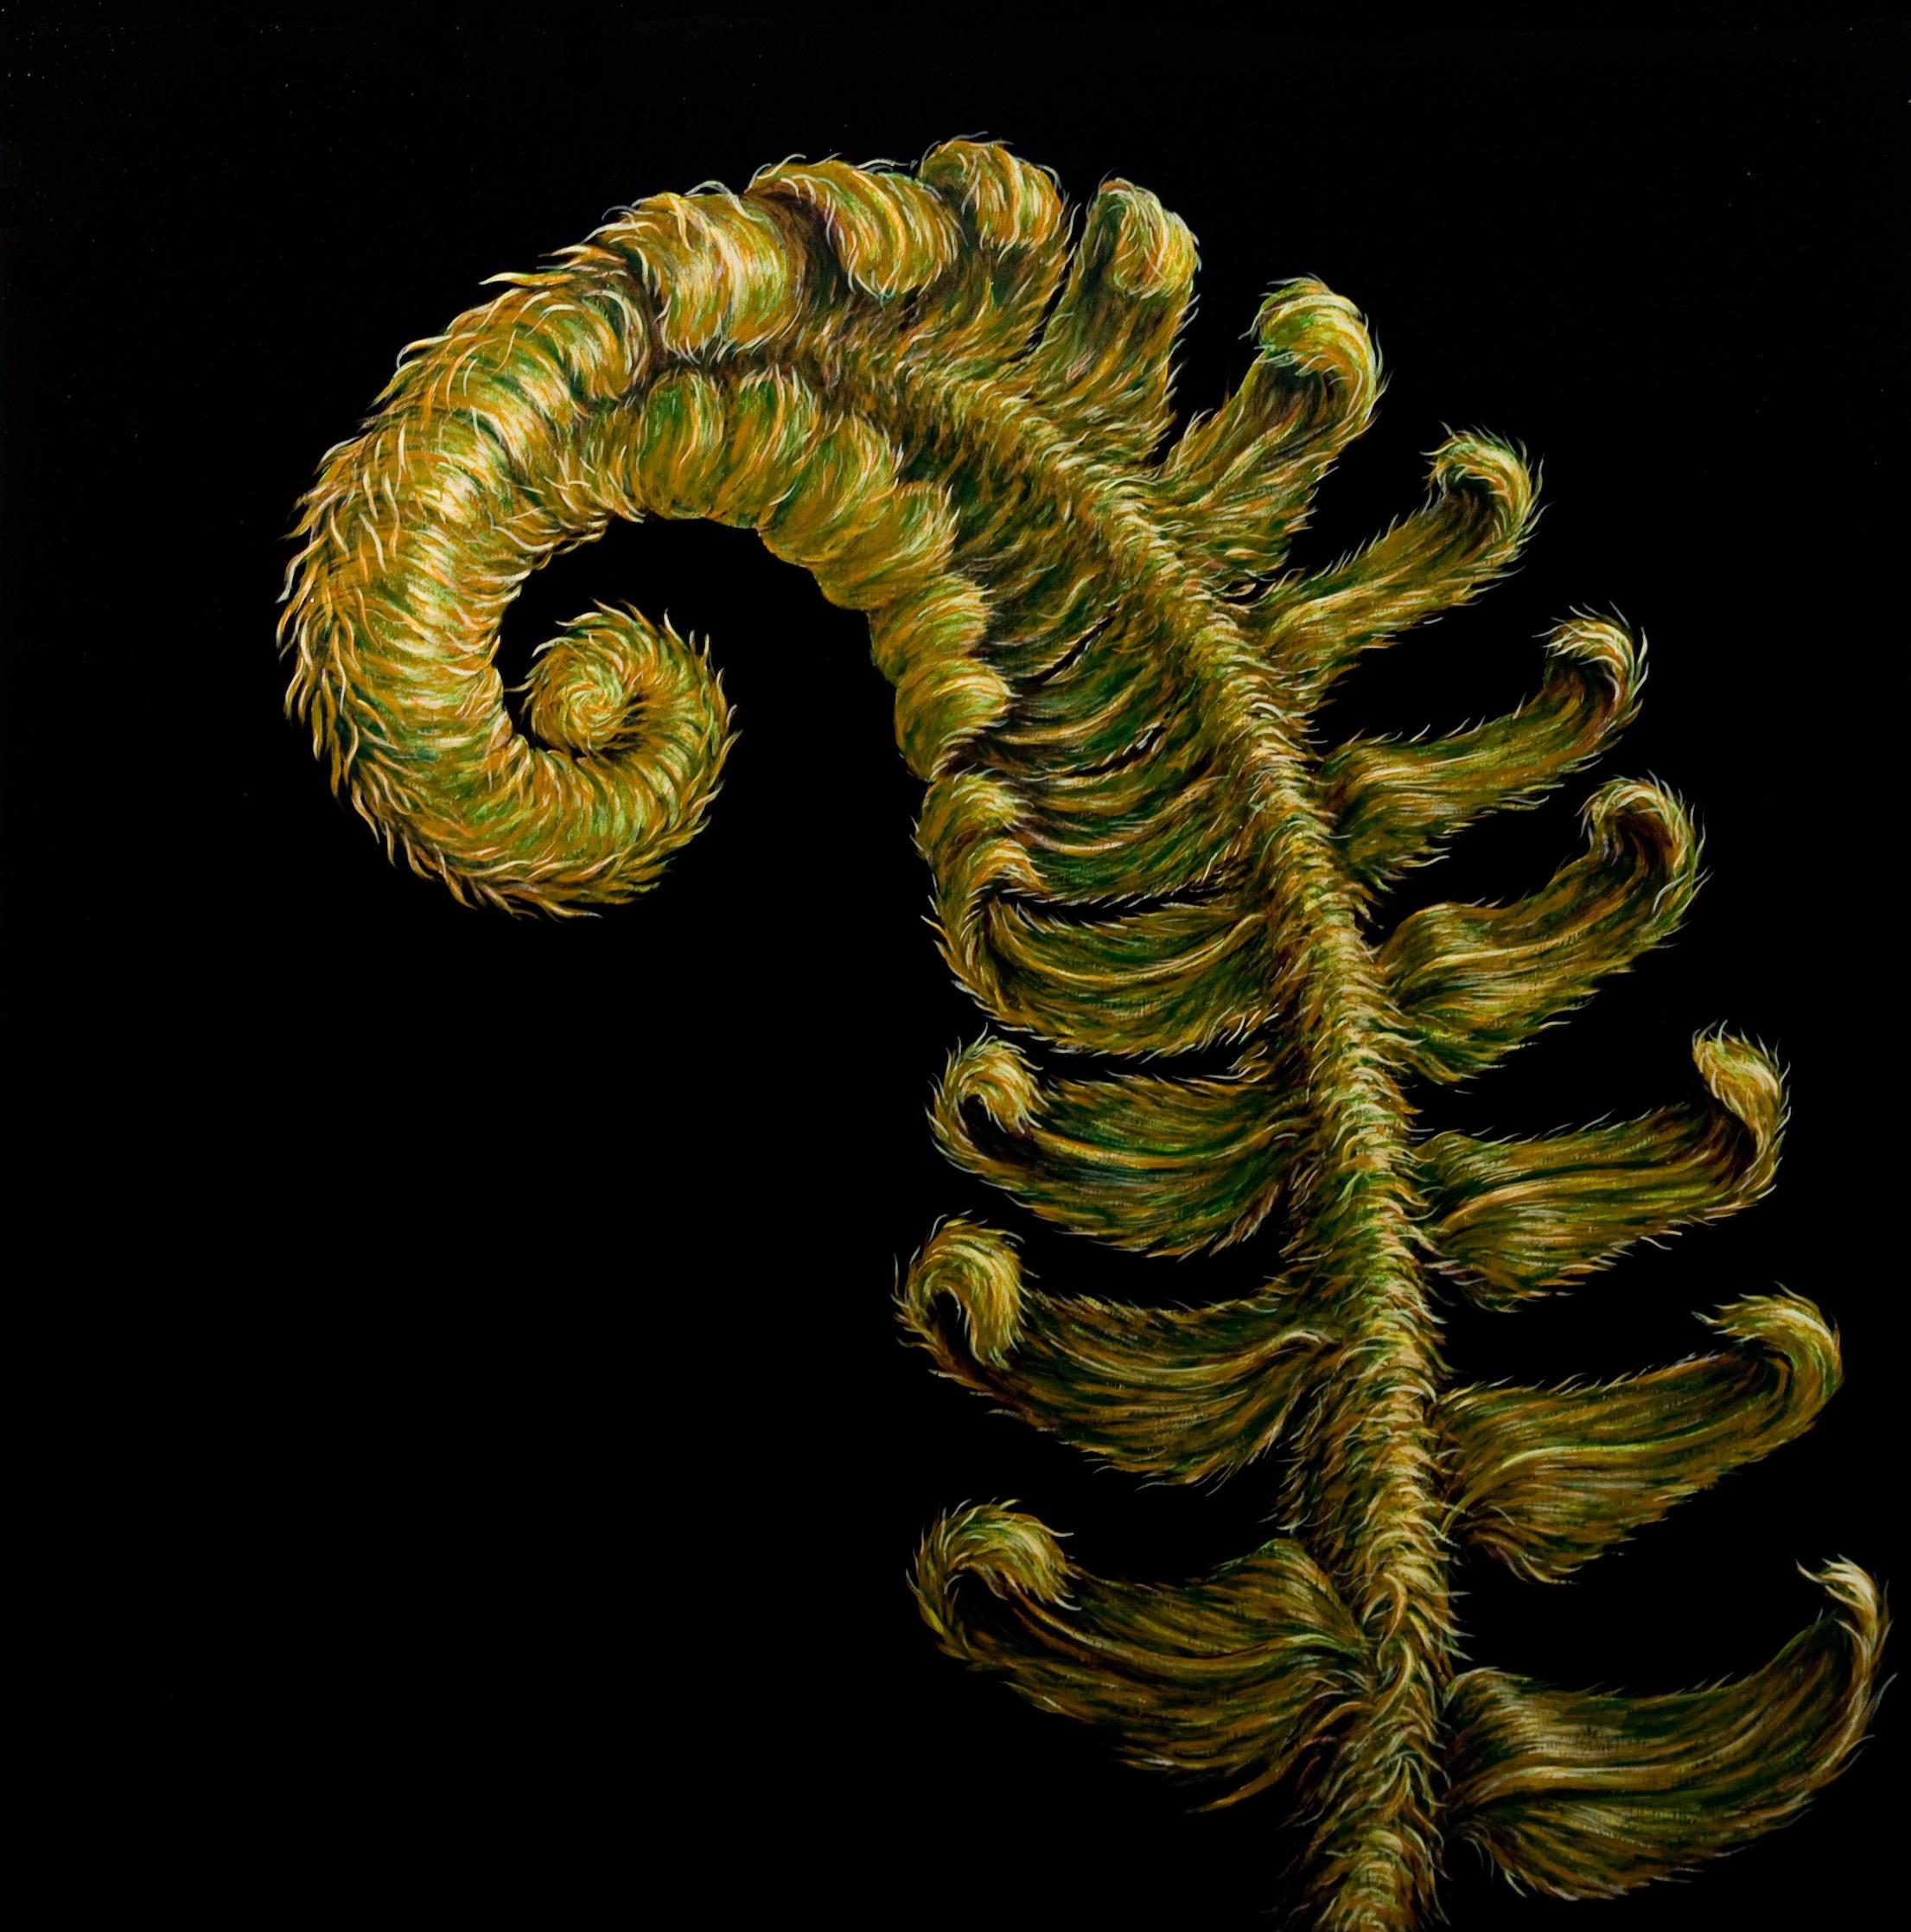 fern 2012 36 x 36 lowres